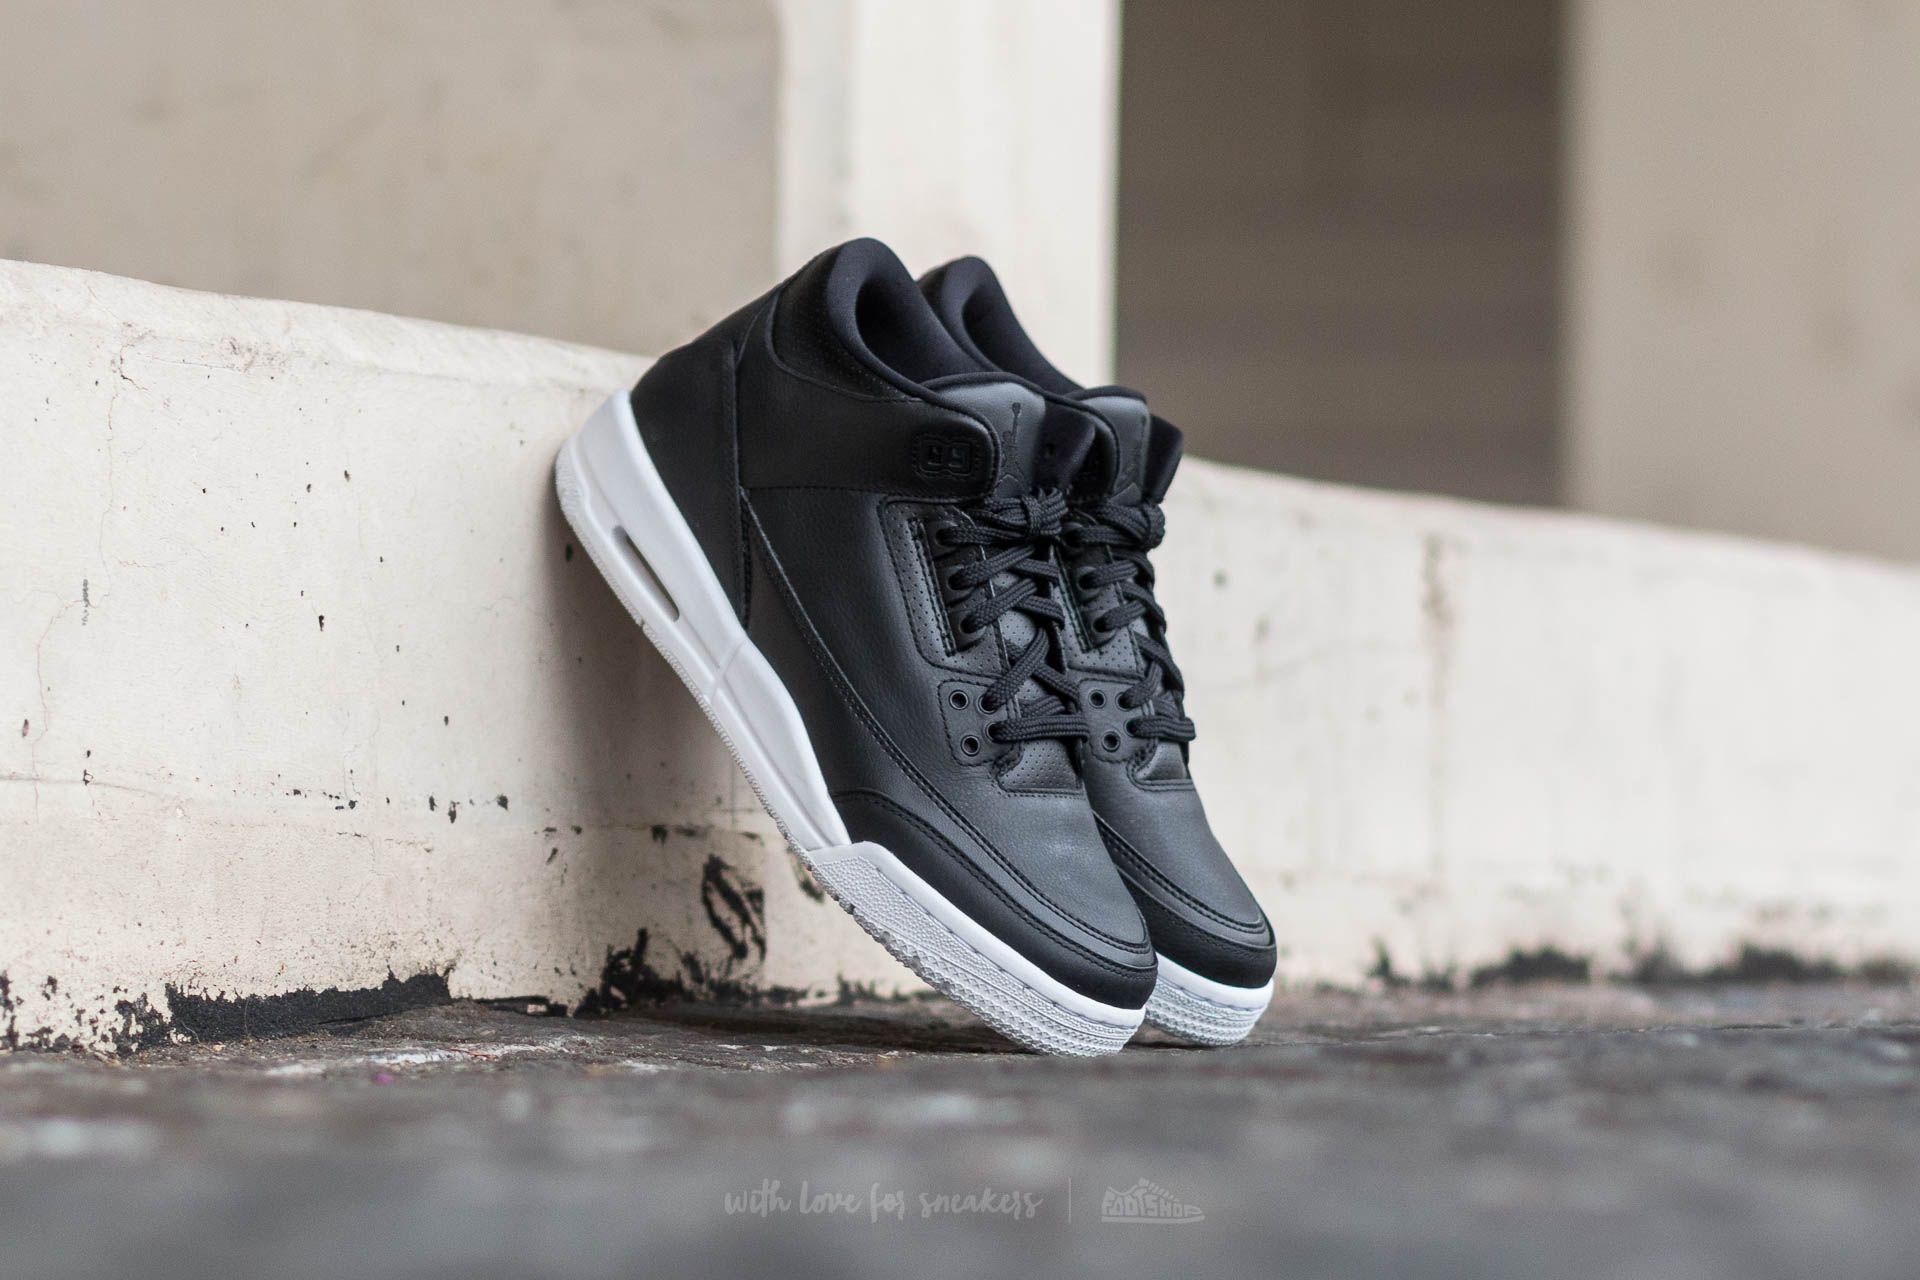 Air Jordan 3 Retro BG Black